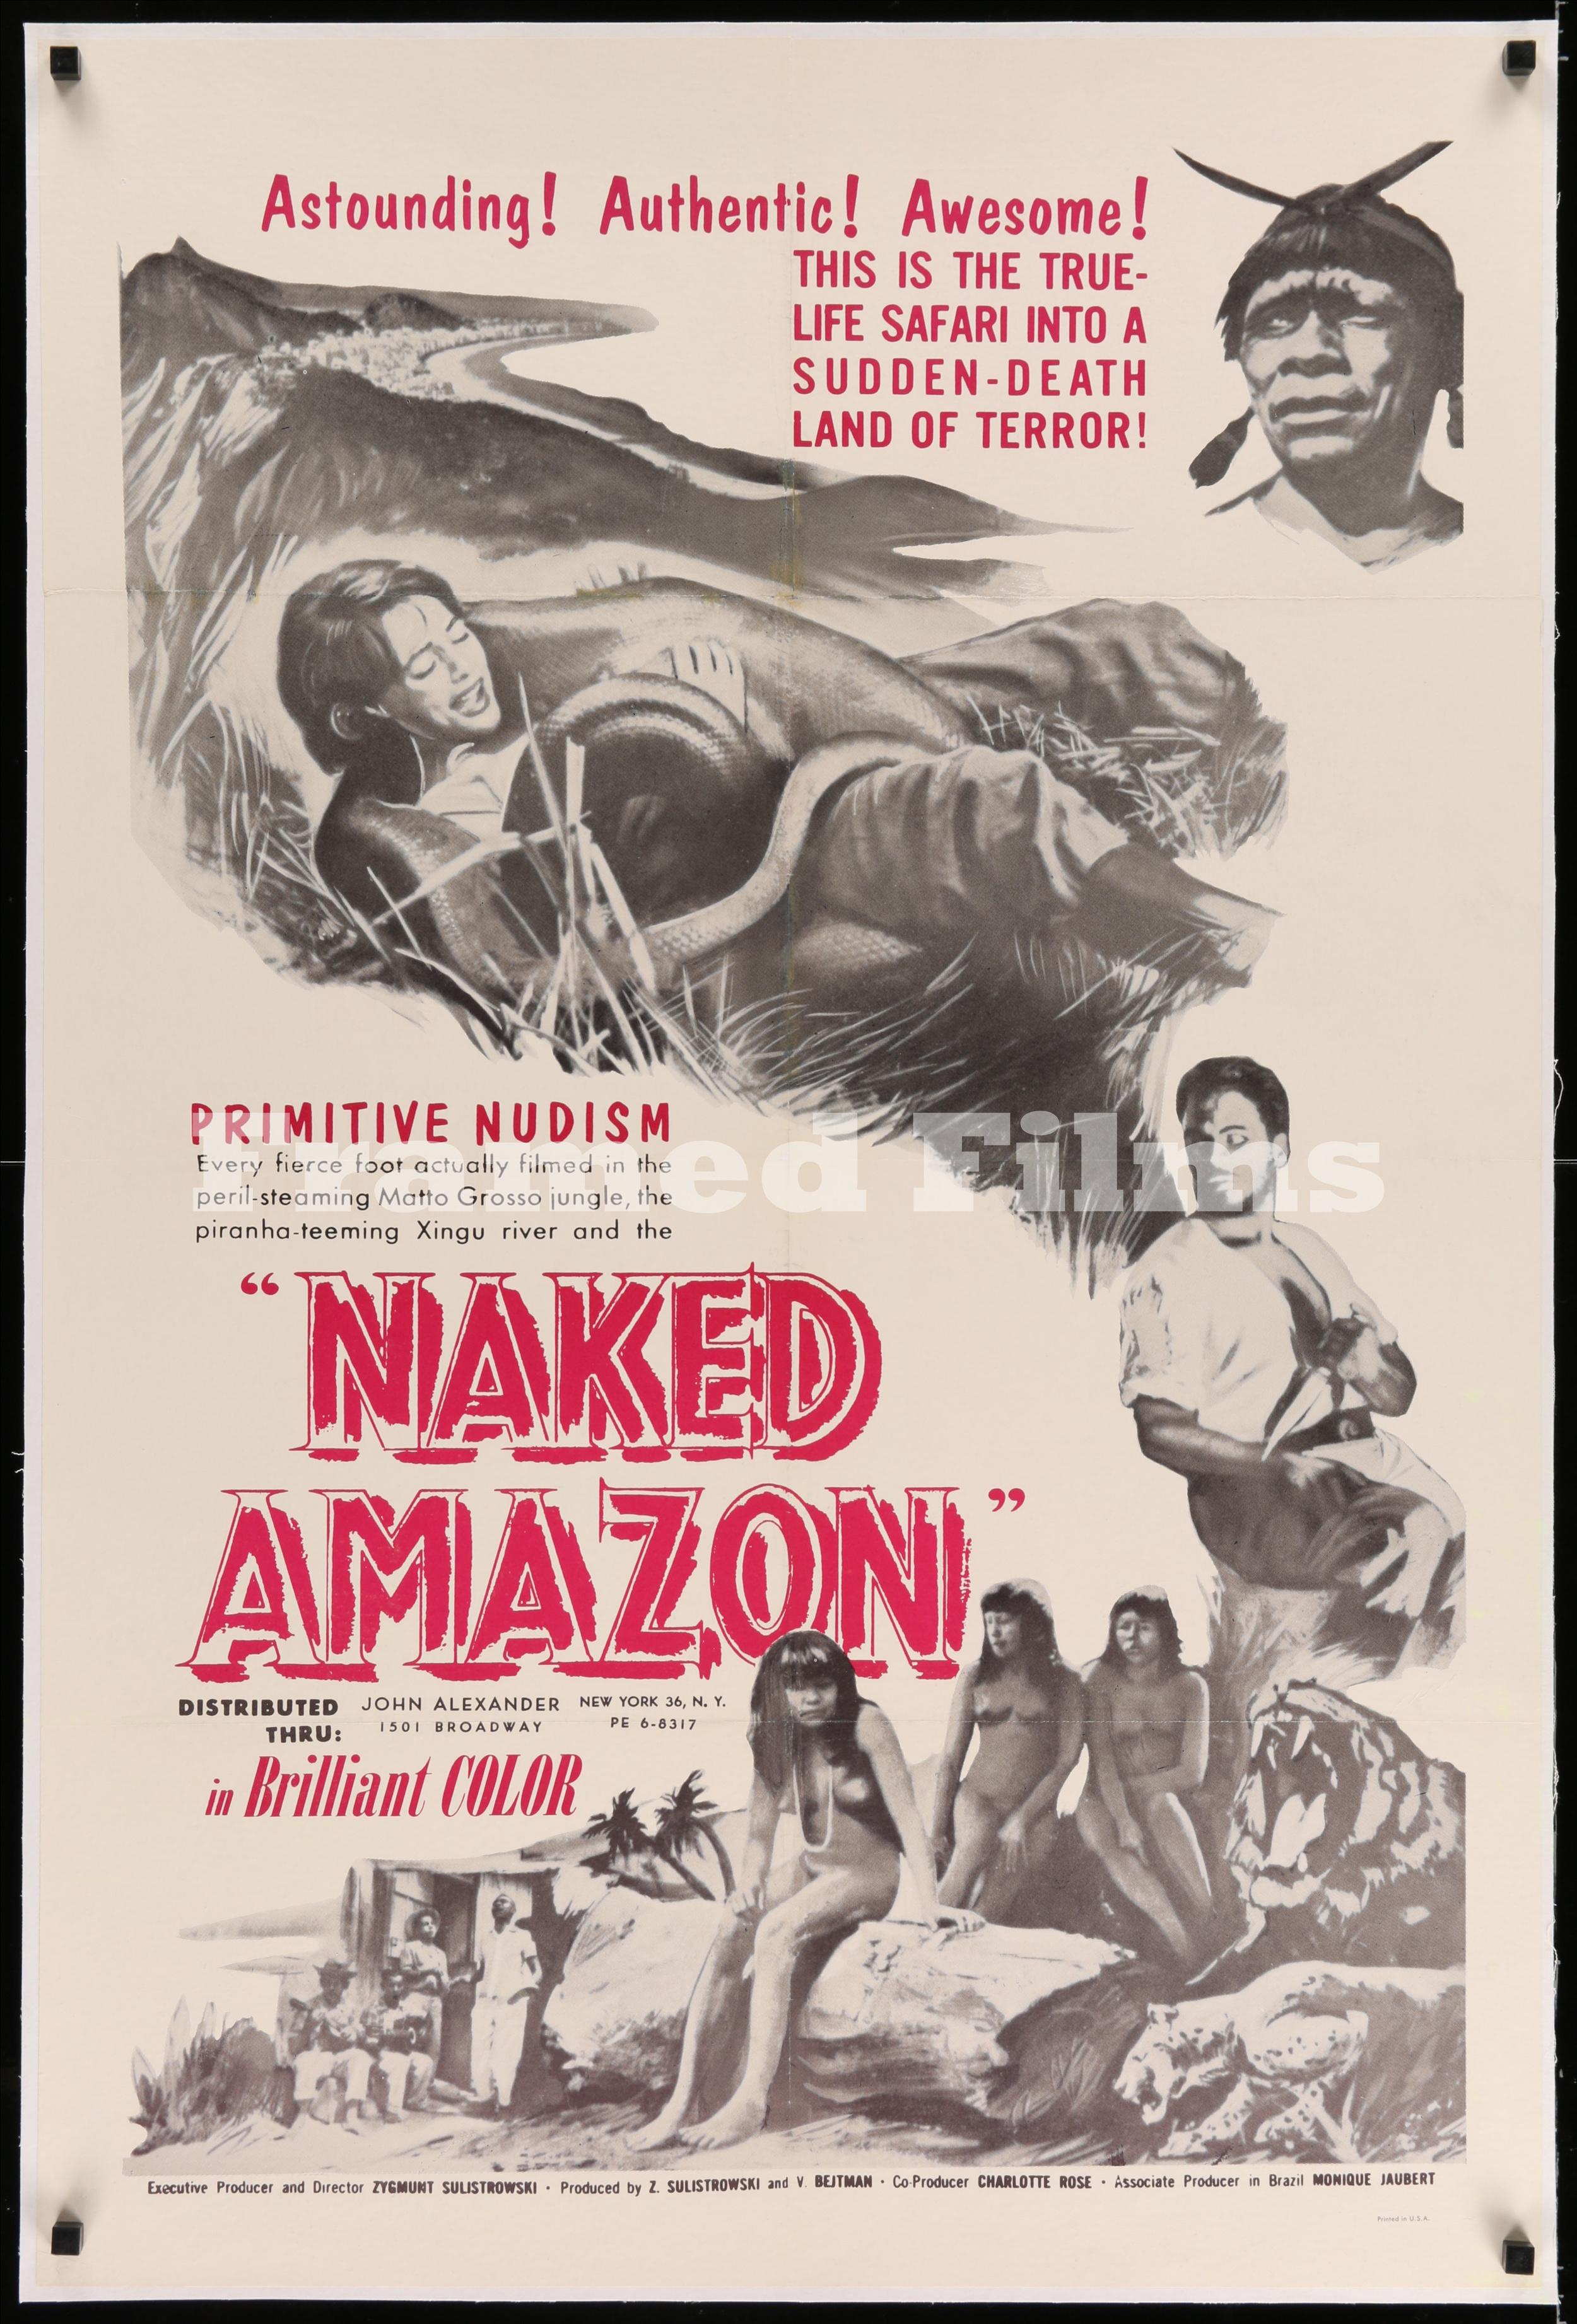 naked_amazon_linen_BM04781_L.jpg